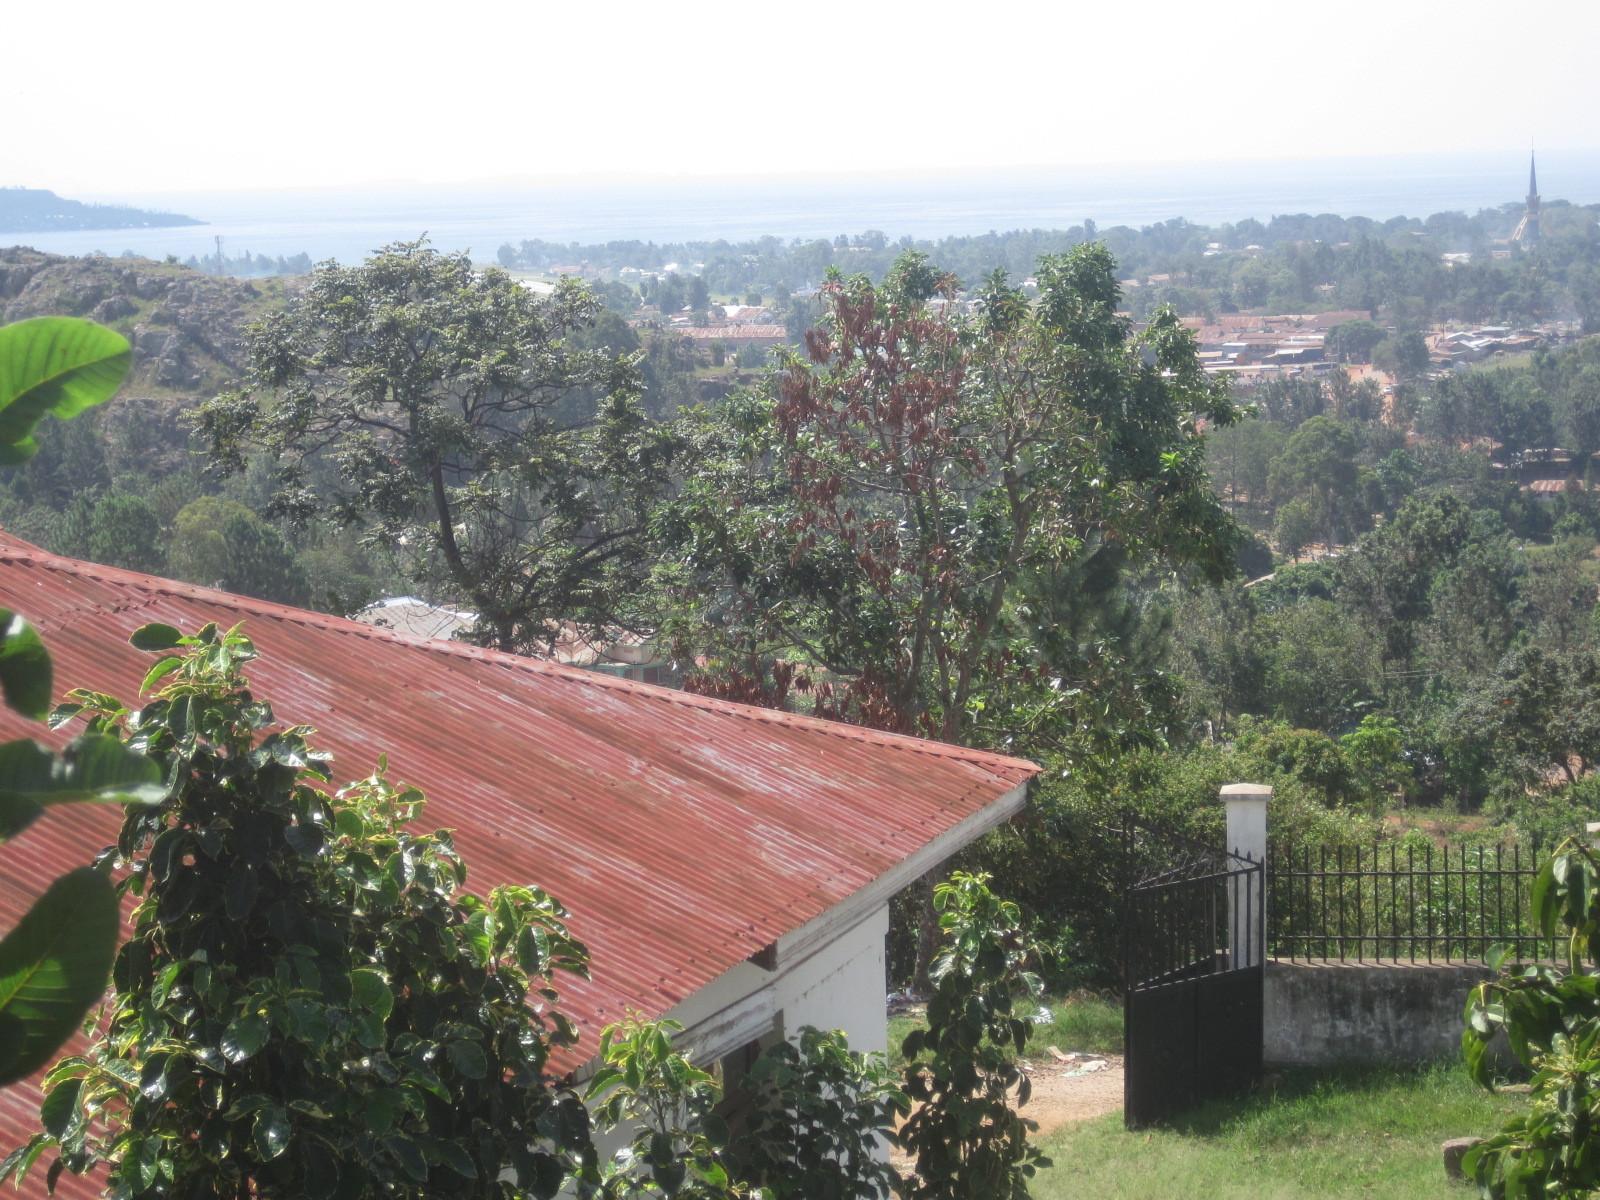 Geniale Sicht vom Jambo Haus auf die Raketenkirche rechts, die Insel links und den Viktoriasee im Hintergrund